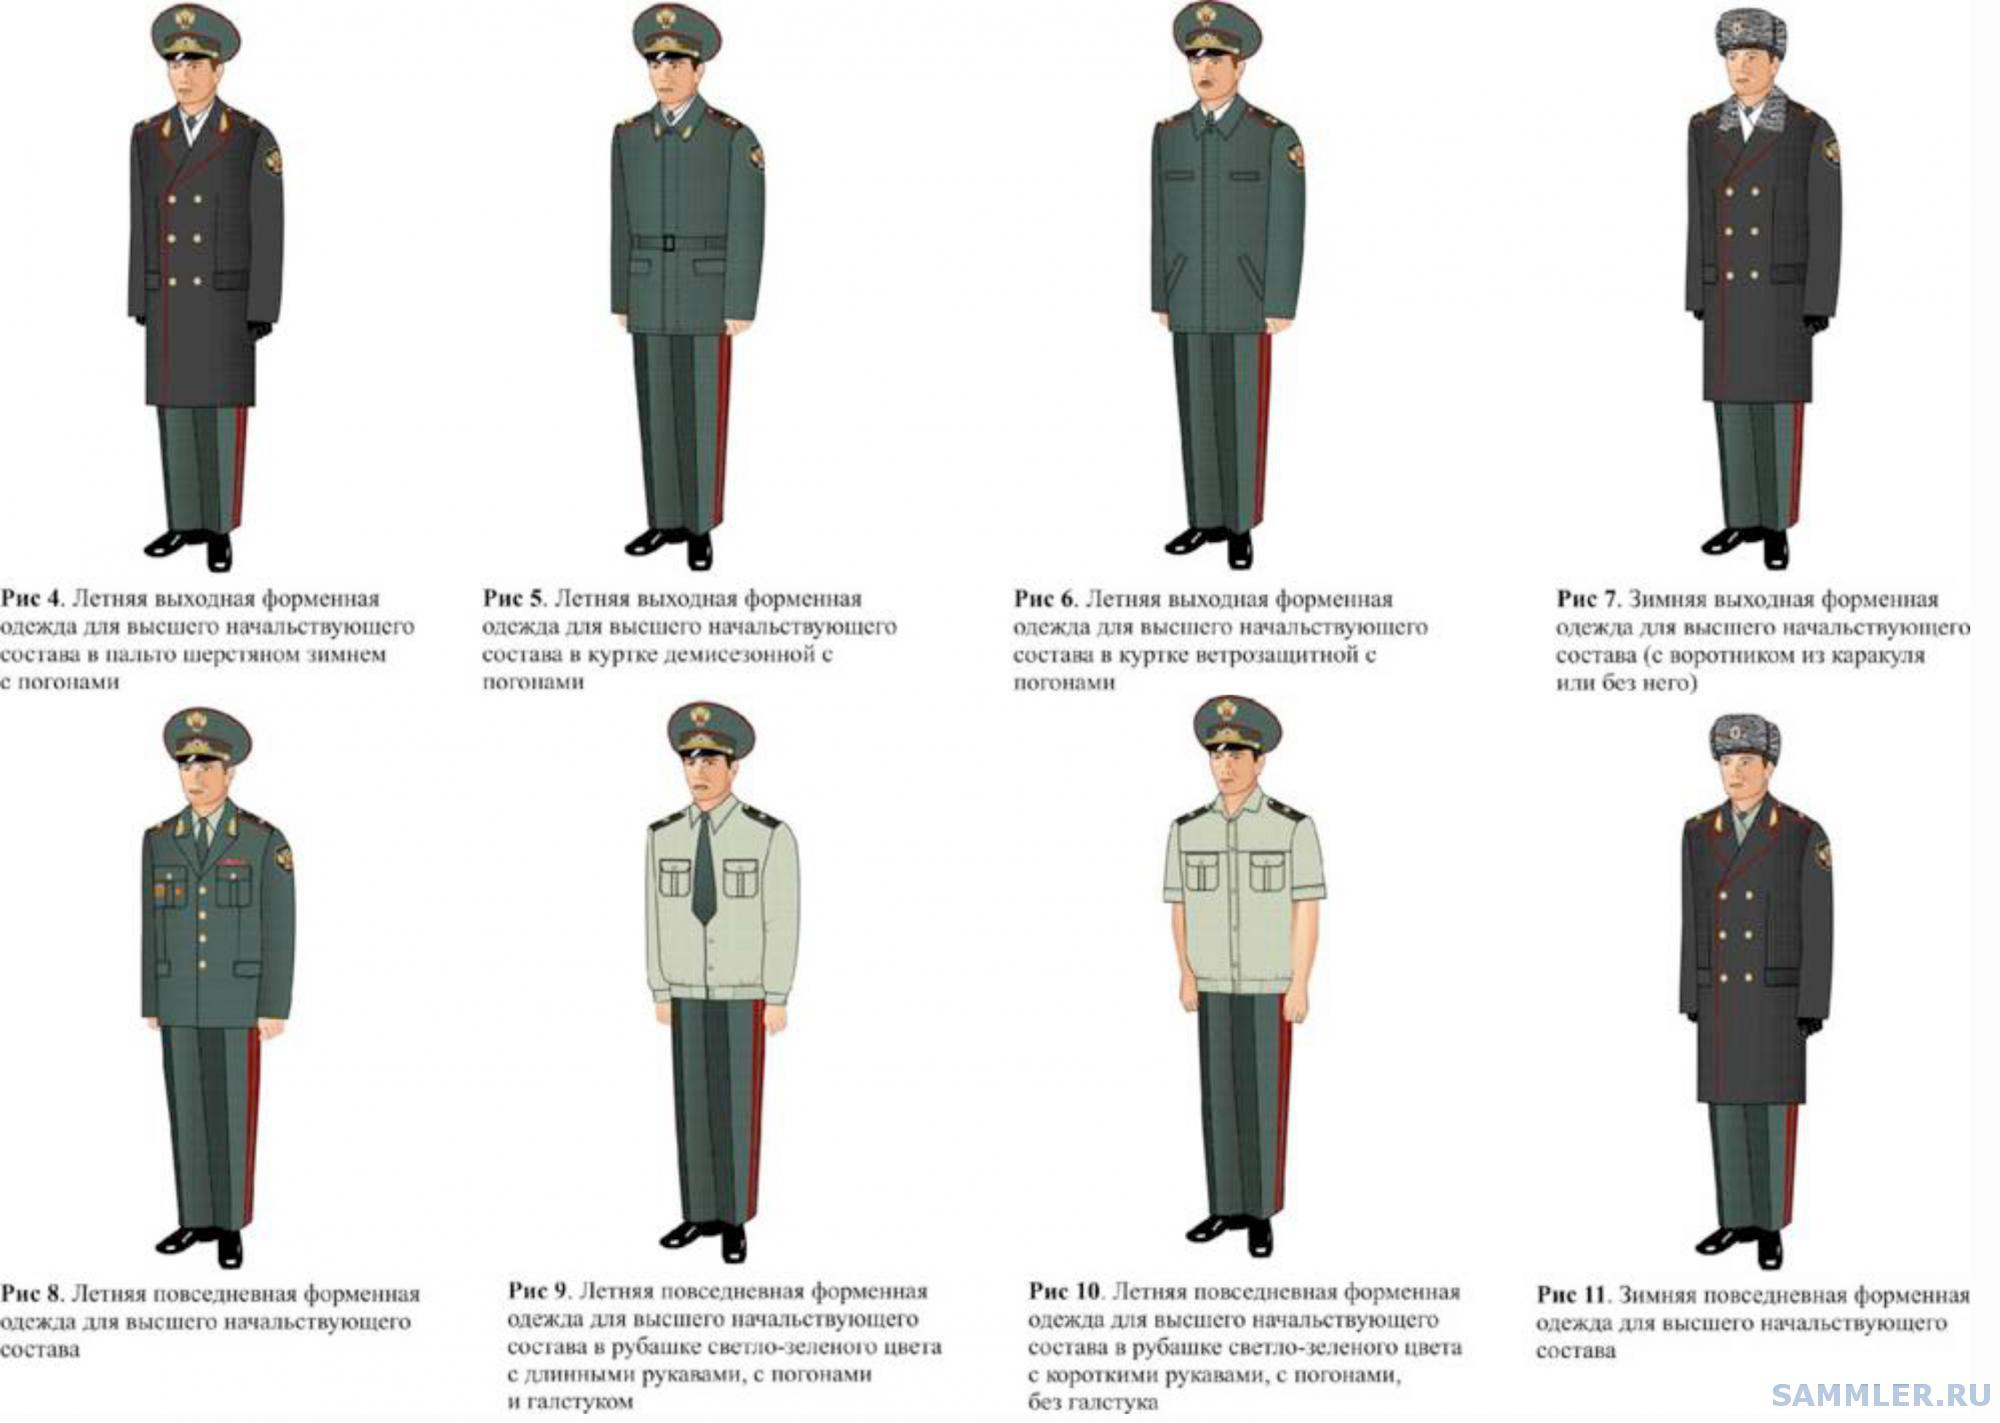 Форменная одежда сотрудников-11.jpg